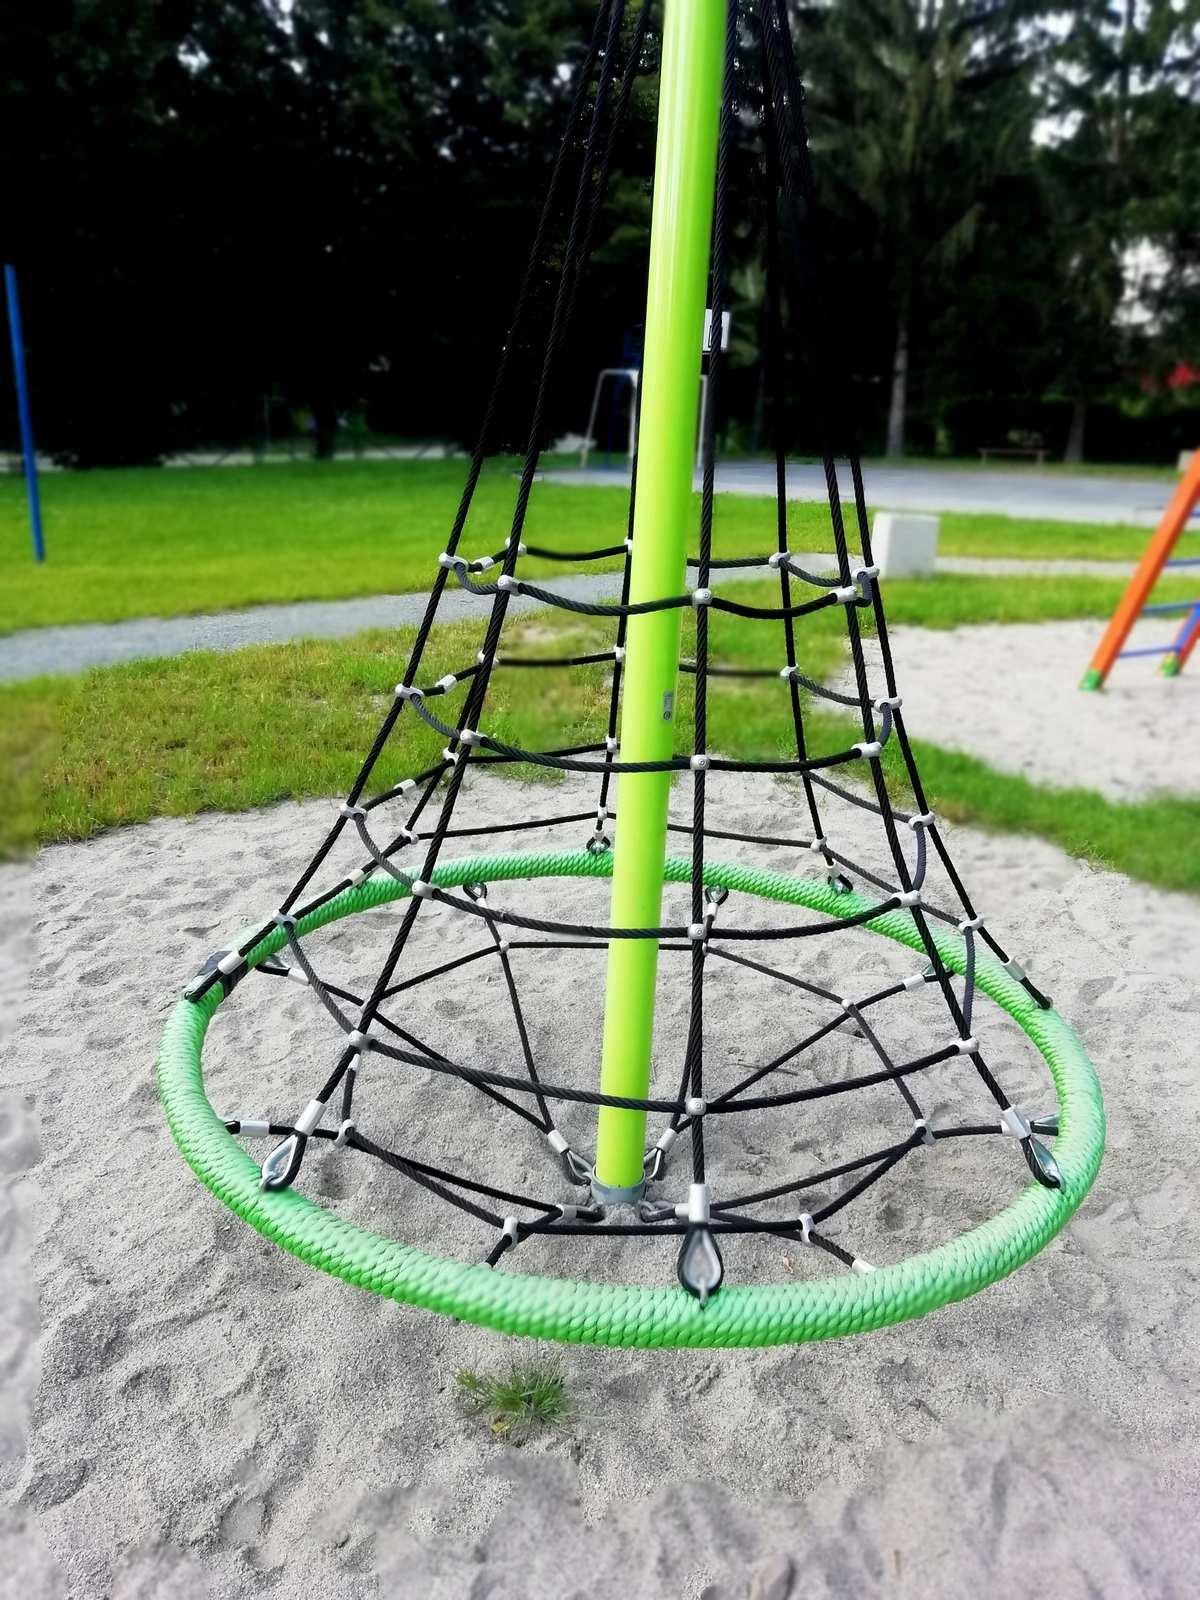 parkfitness i plac zabaw apartamentu fabryka endorfin w kłodzku/fitness park and playground in apartment Fabryka Endorfin Klodzko